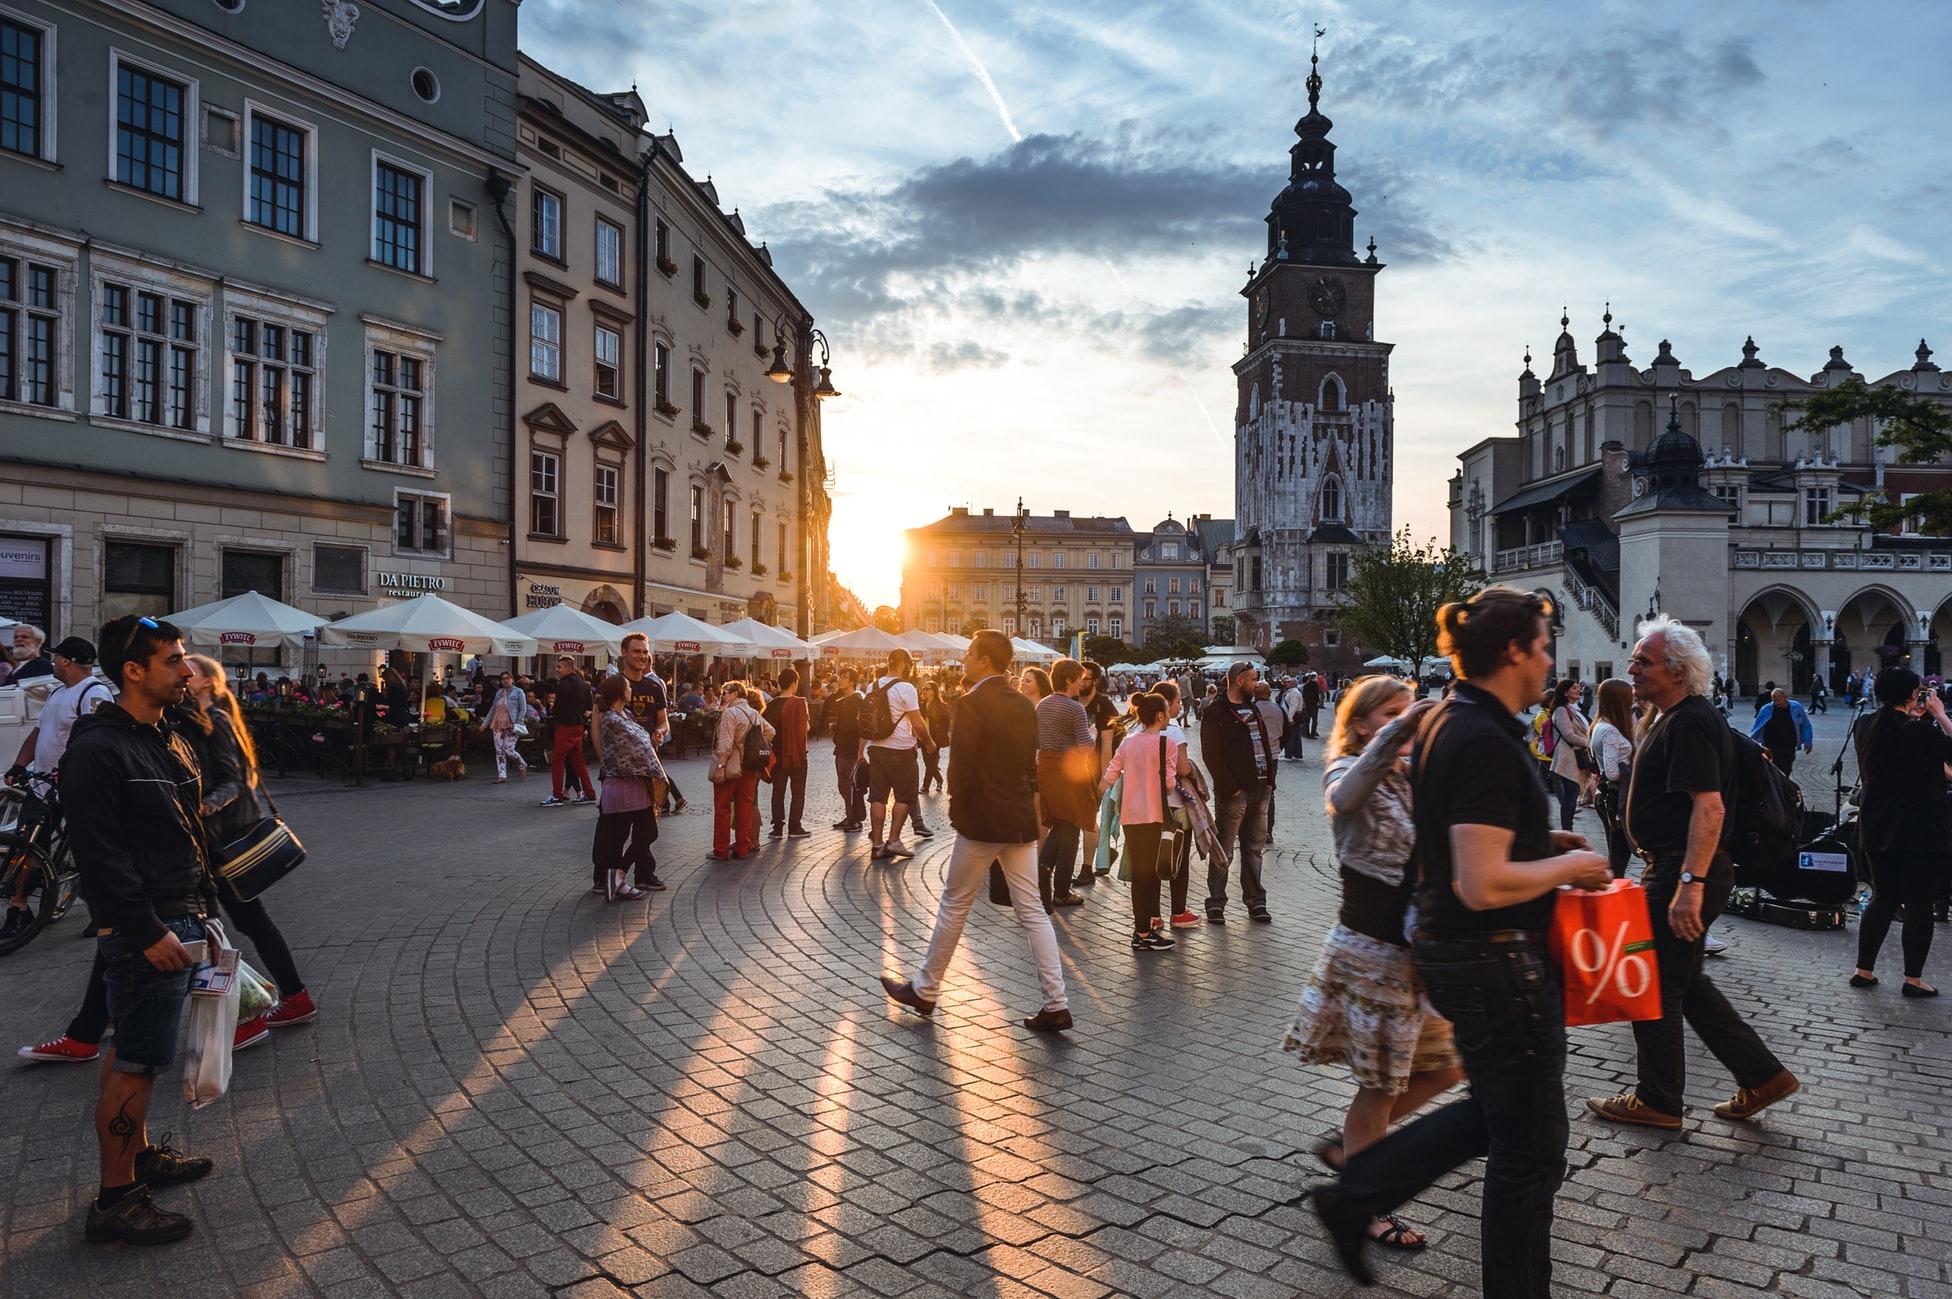 论旅游业的发展对国家和人民的影响